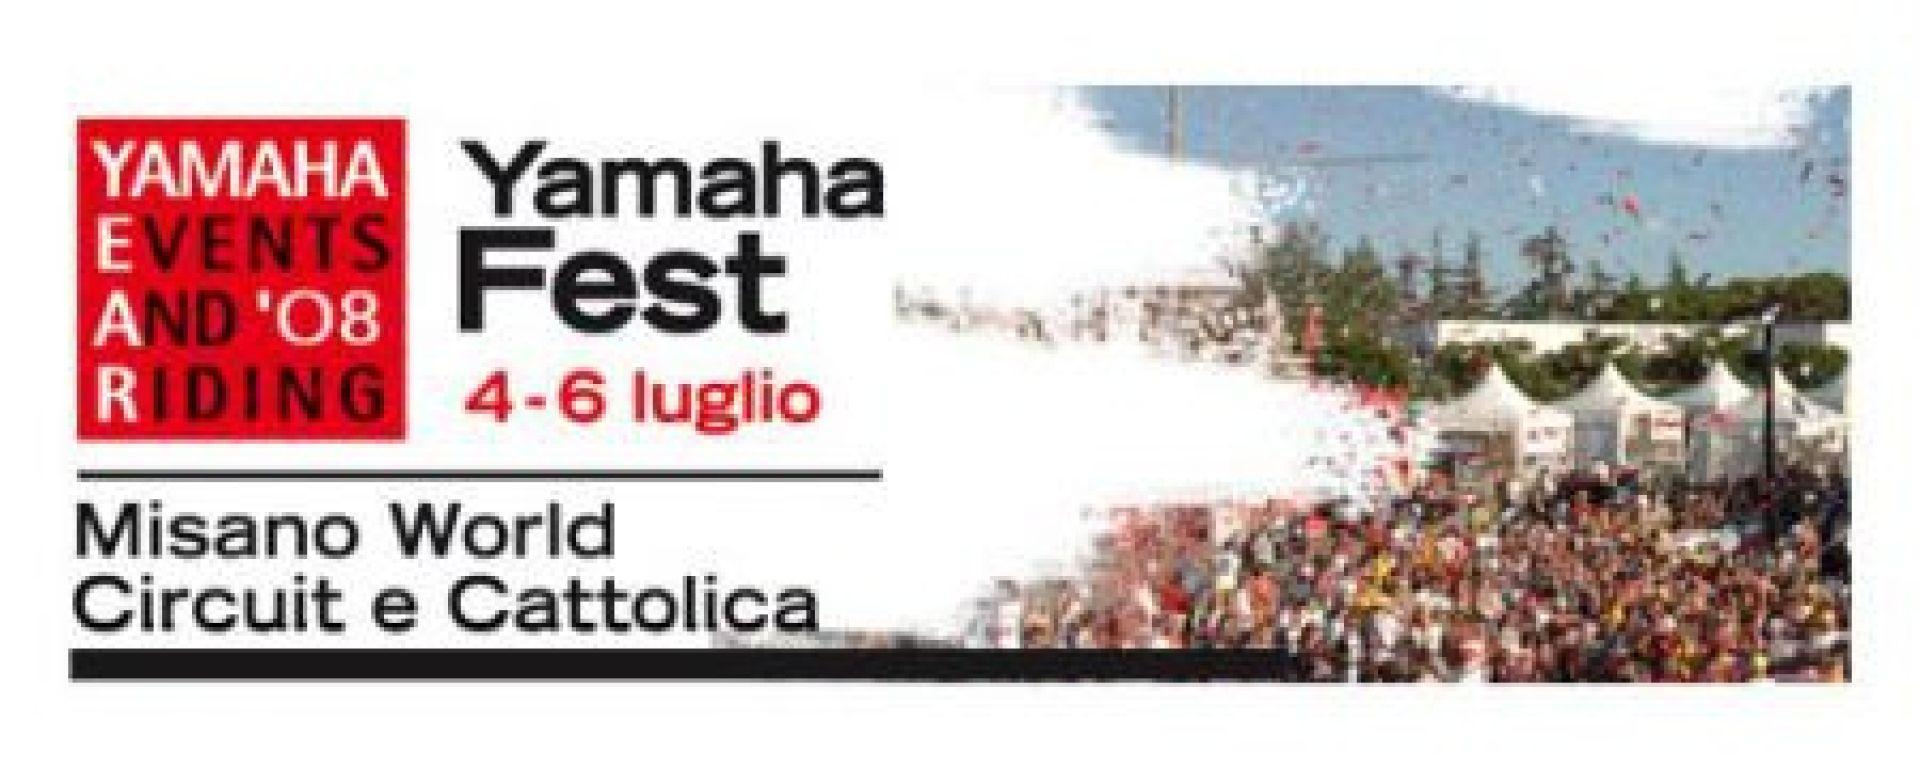 Yamaha Fest